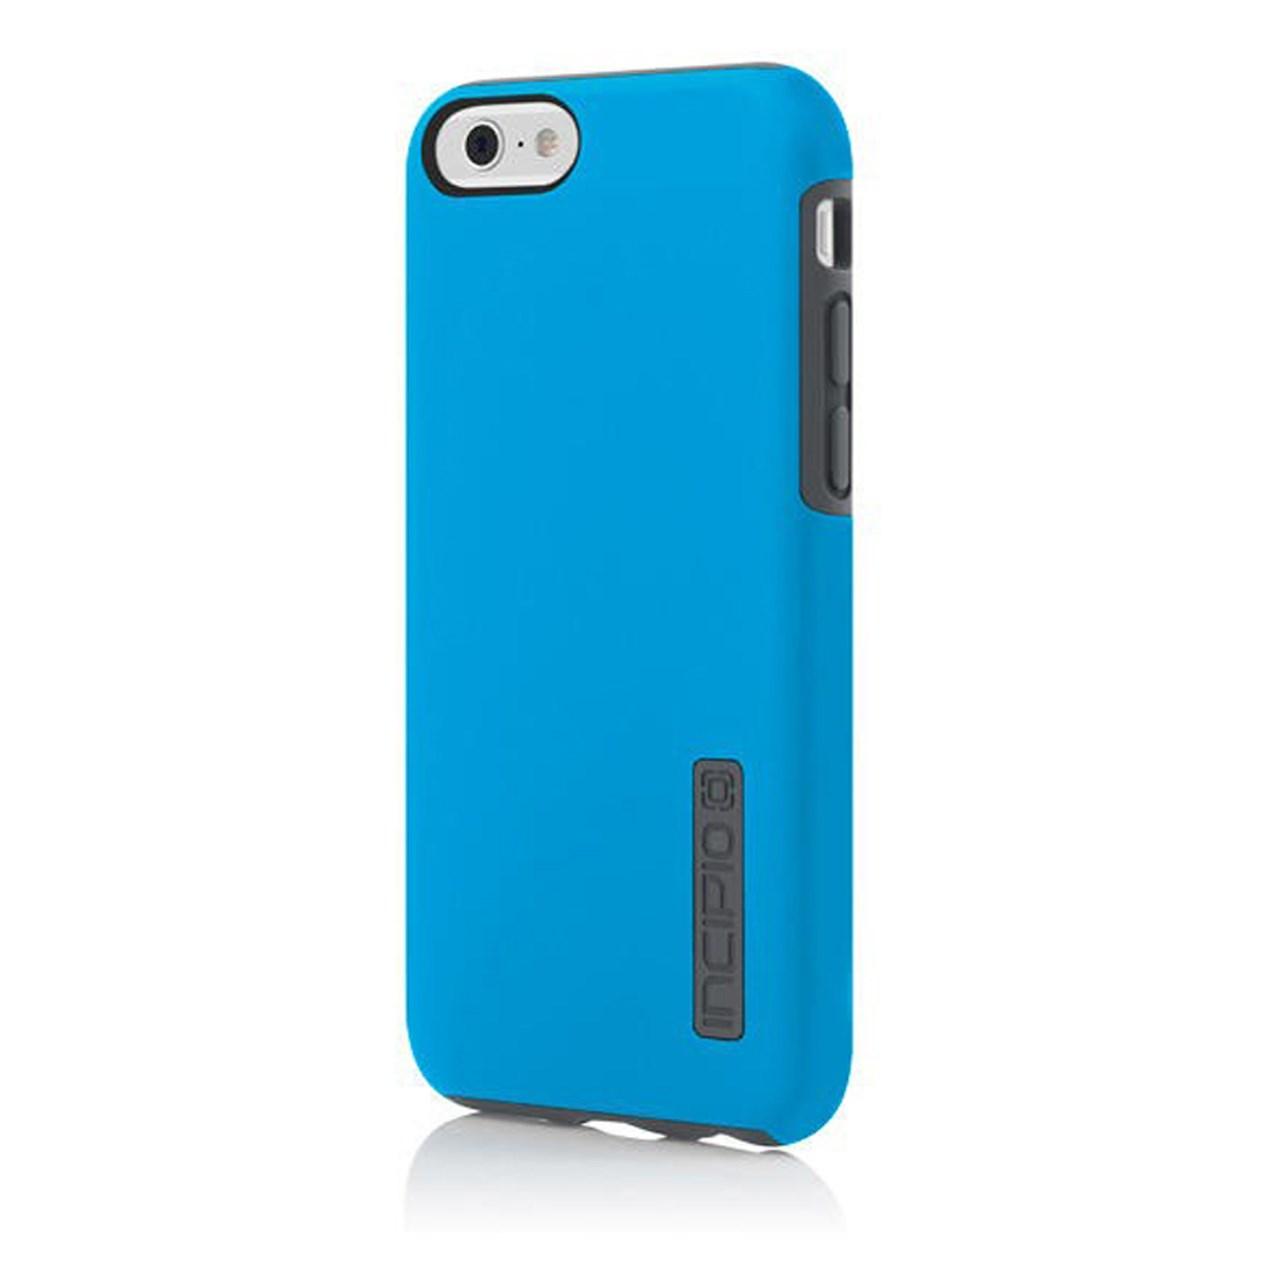 کاور اینسیپیو مدل Dualpro مناسب برای گوشی موبایل آیفون 6/6s